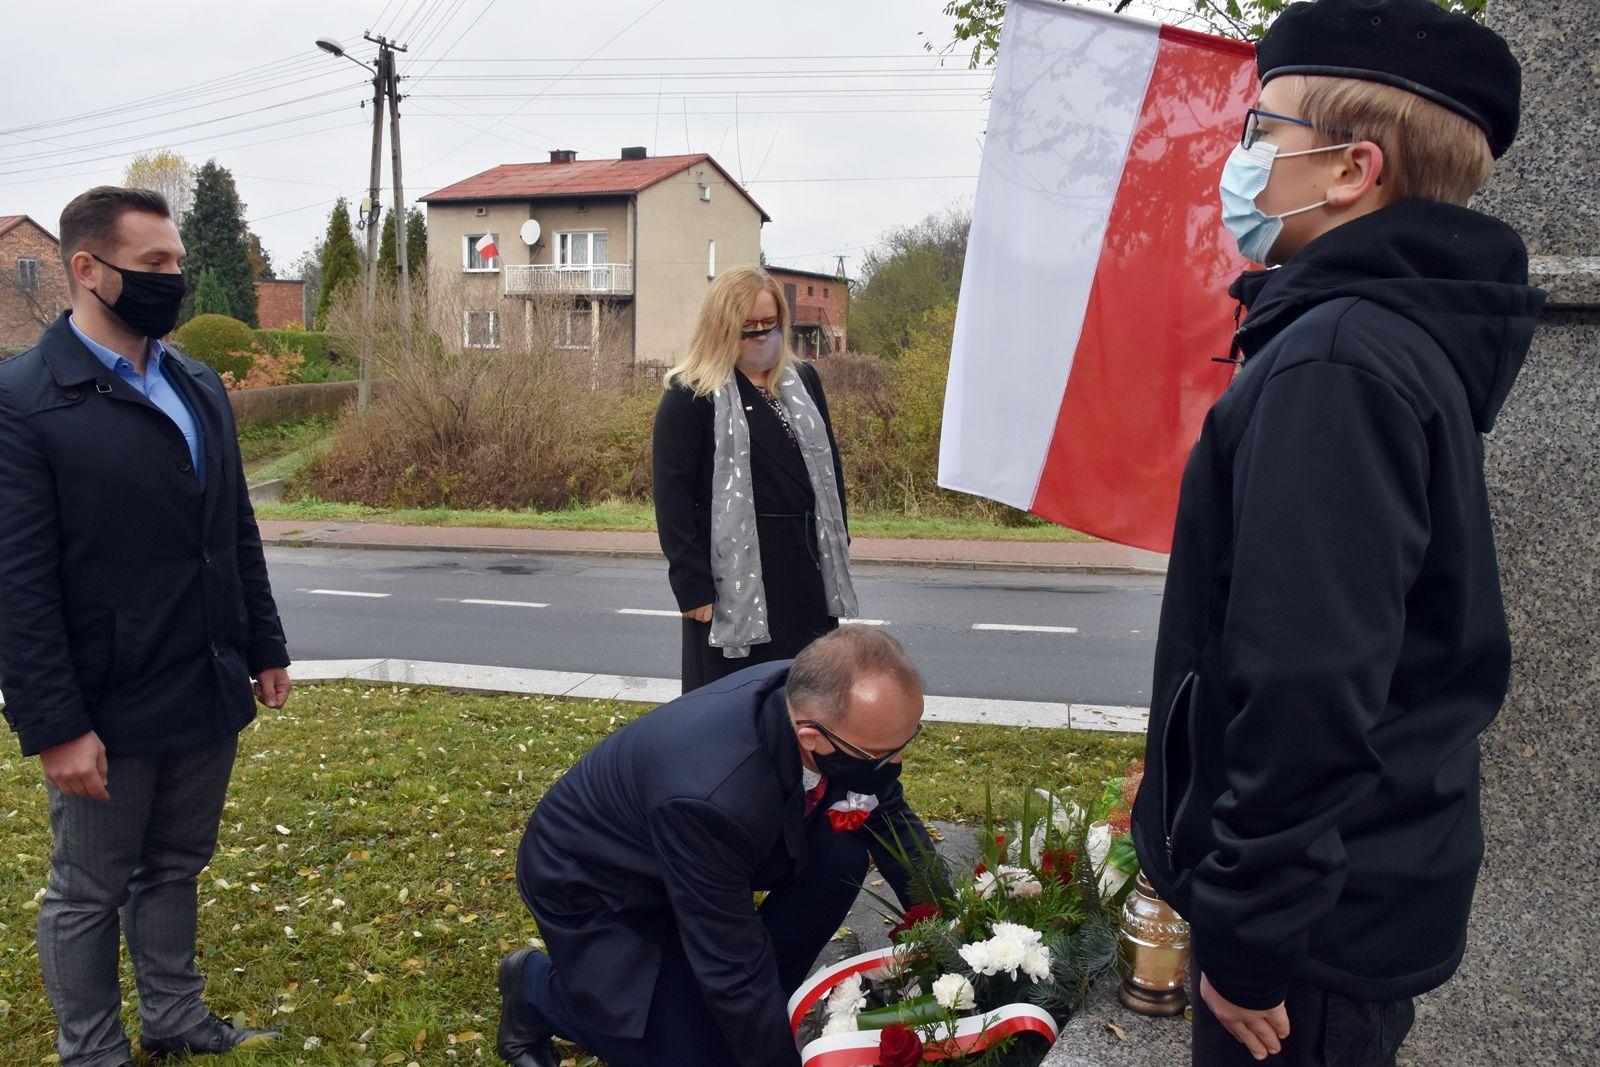 Burmistrz Sławkowa składa wiązankę kwiatów pod pomnikiem.